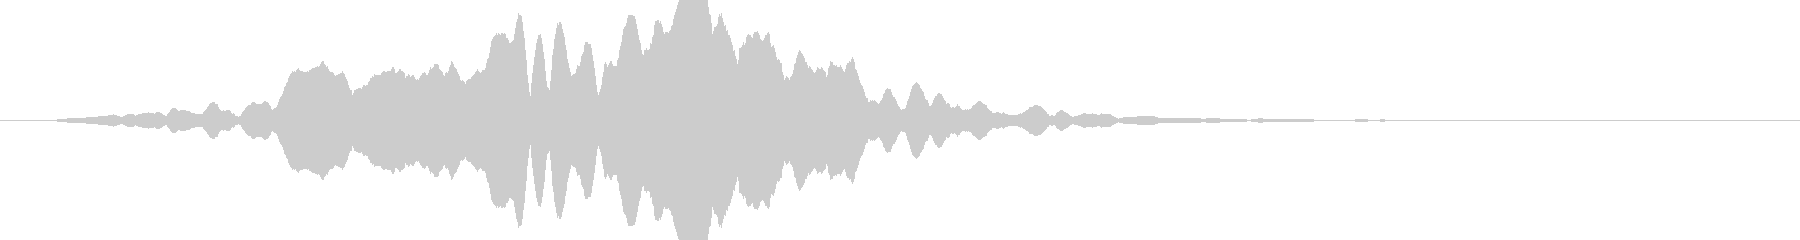 キューンと眩しい光が広がるの未再生の波形